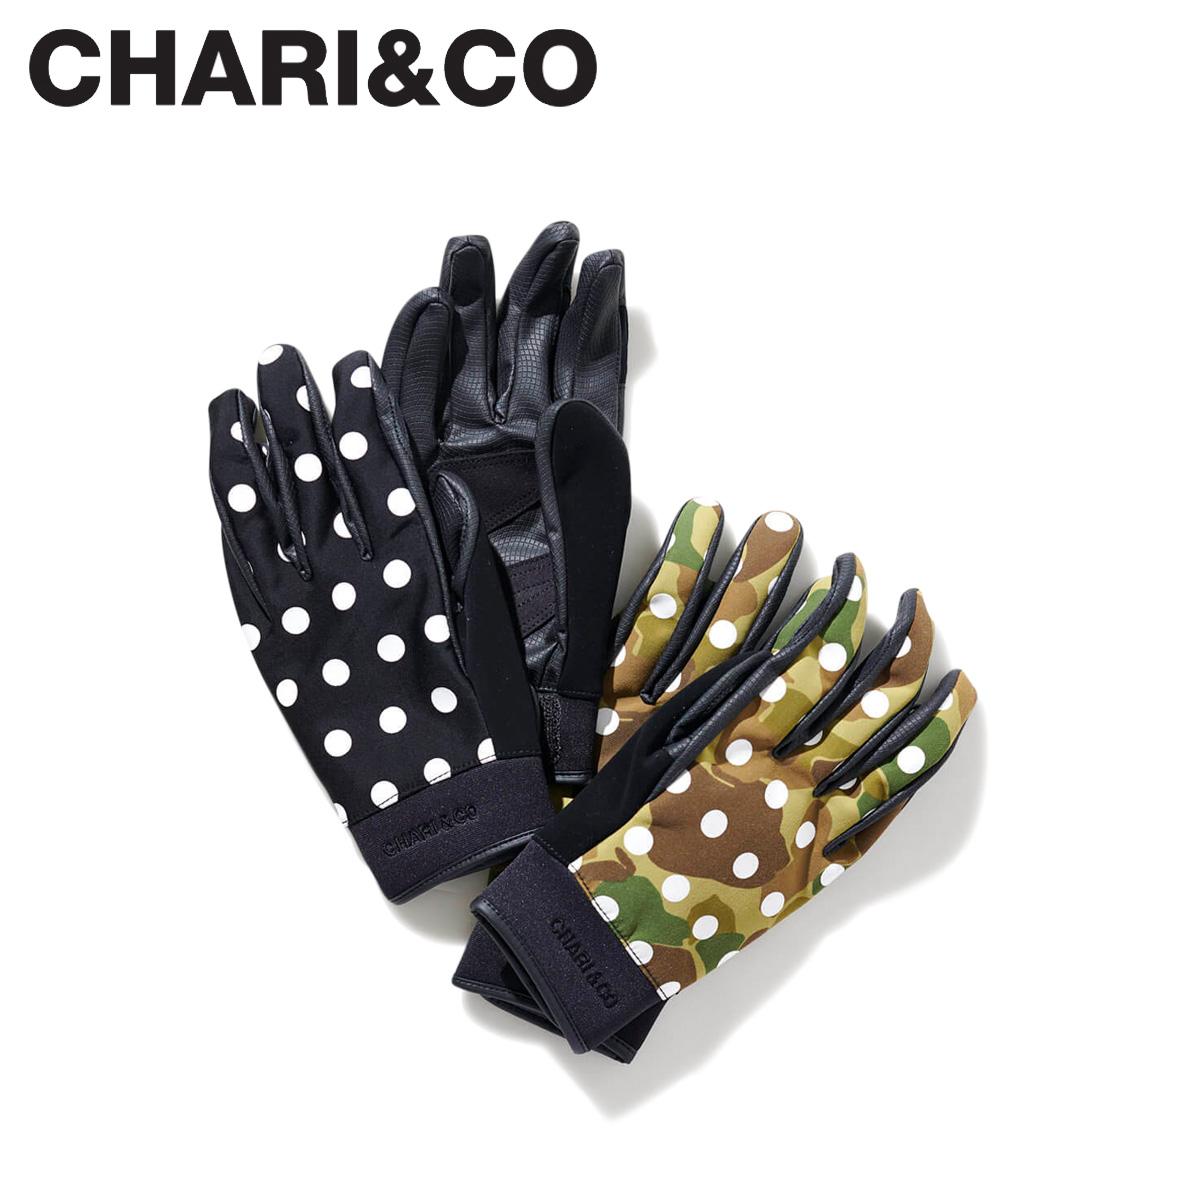 送料無料 チャリアンドコー CHARICO DOT GLOVE 手袋 グローブ 新色追加 最大600円OFFクーポン 迷彩柄 出群 黒 ブラック メンズ カモ